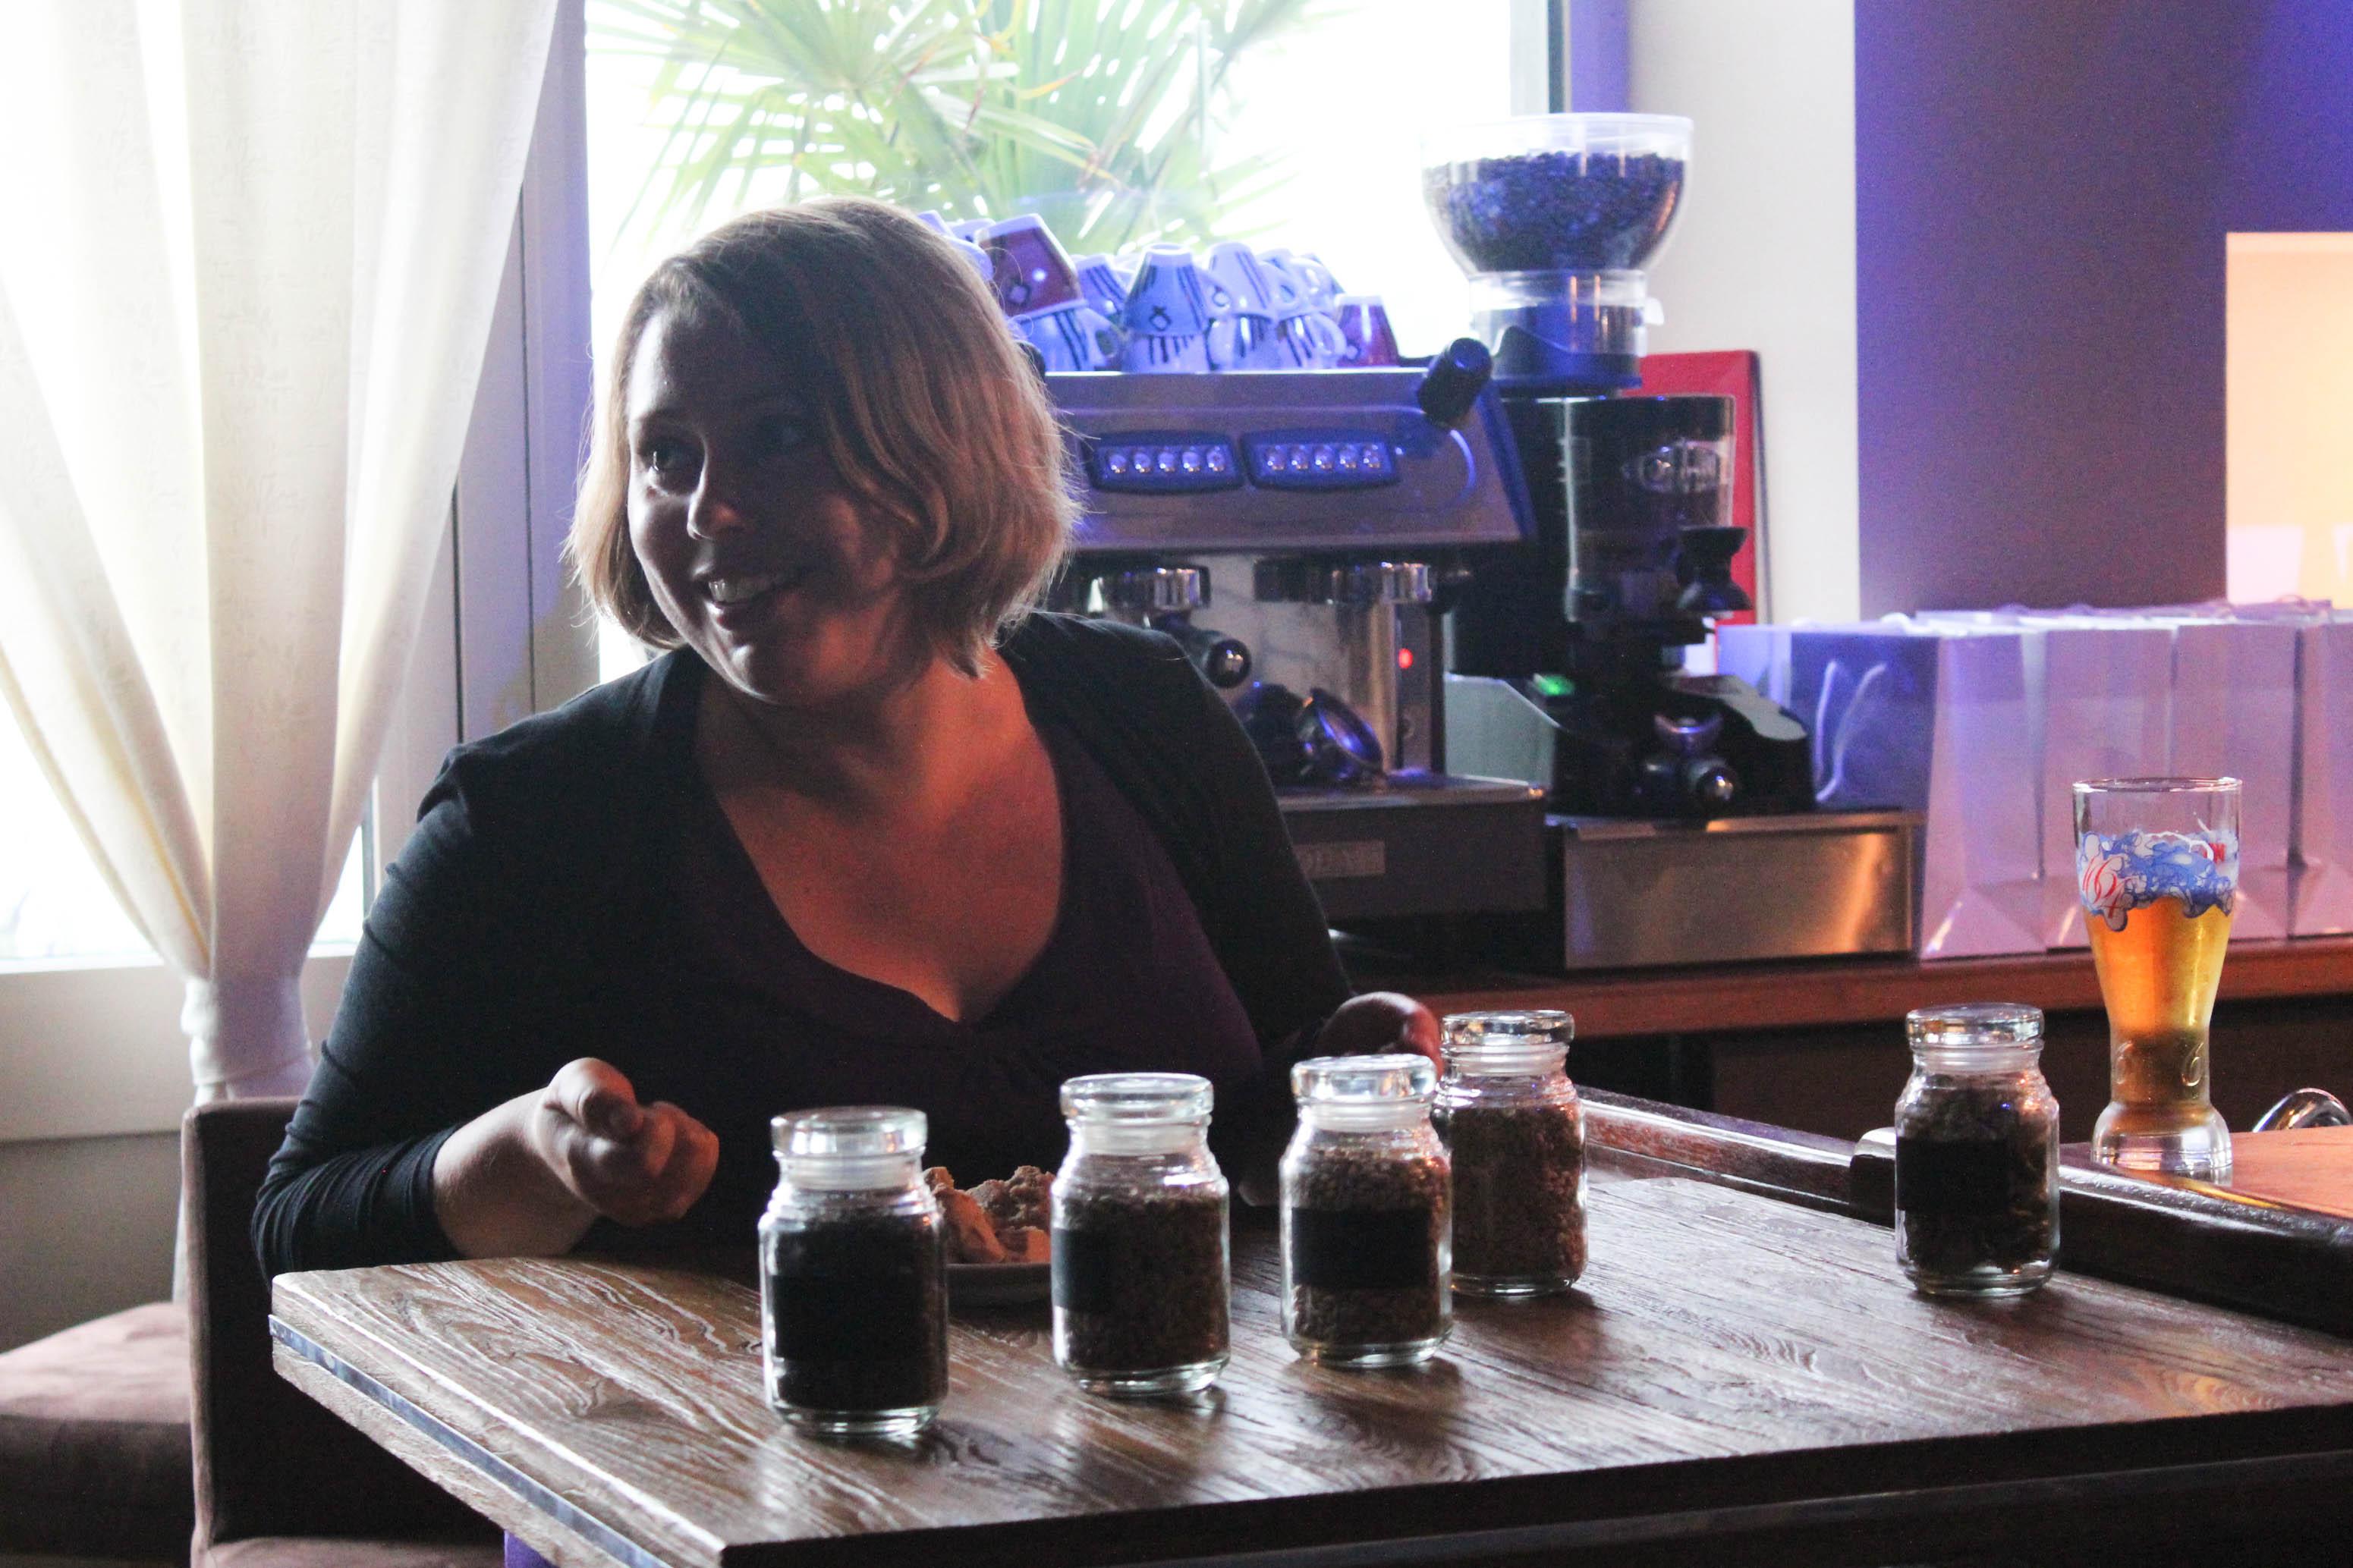 2013-07-04- Soirée gastronomie à la française avec Philipe Etchebest - les lubies de Louise (8 sur 38)